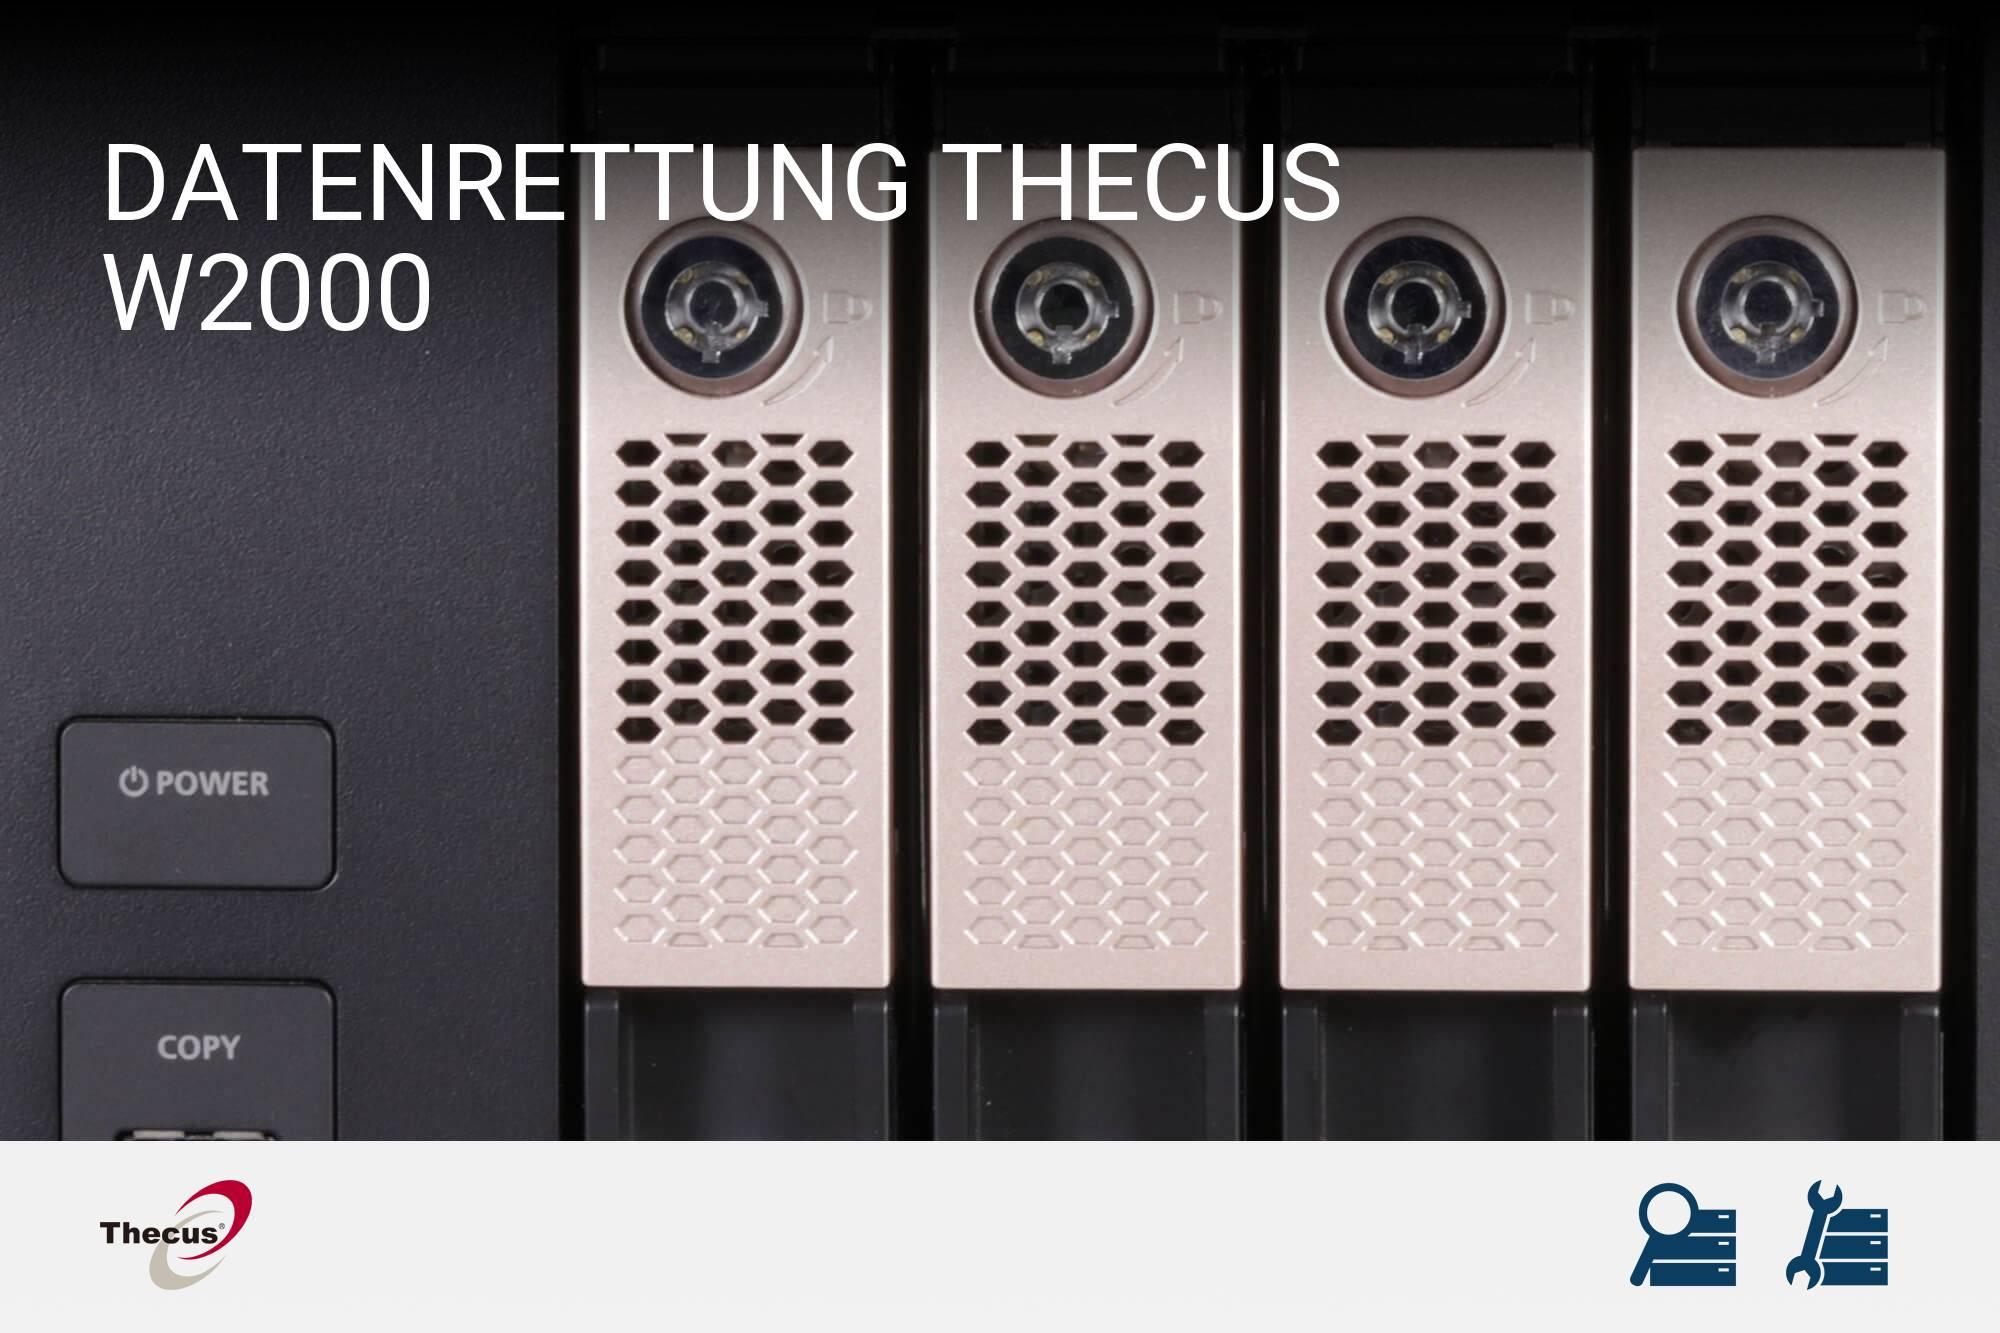 Thecus W2000